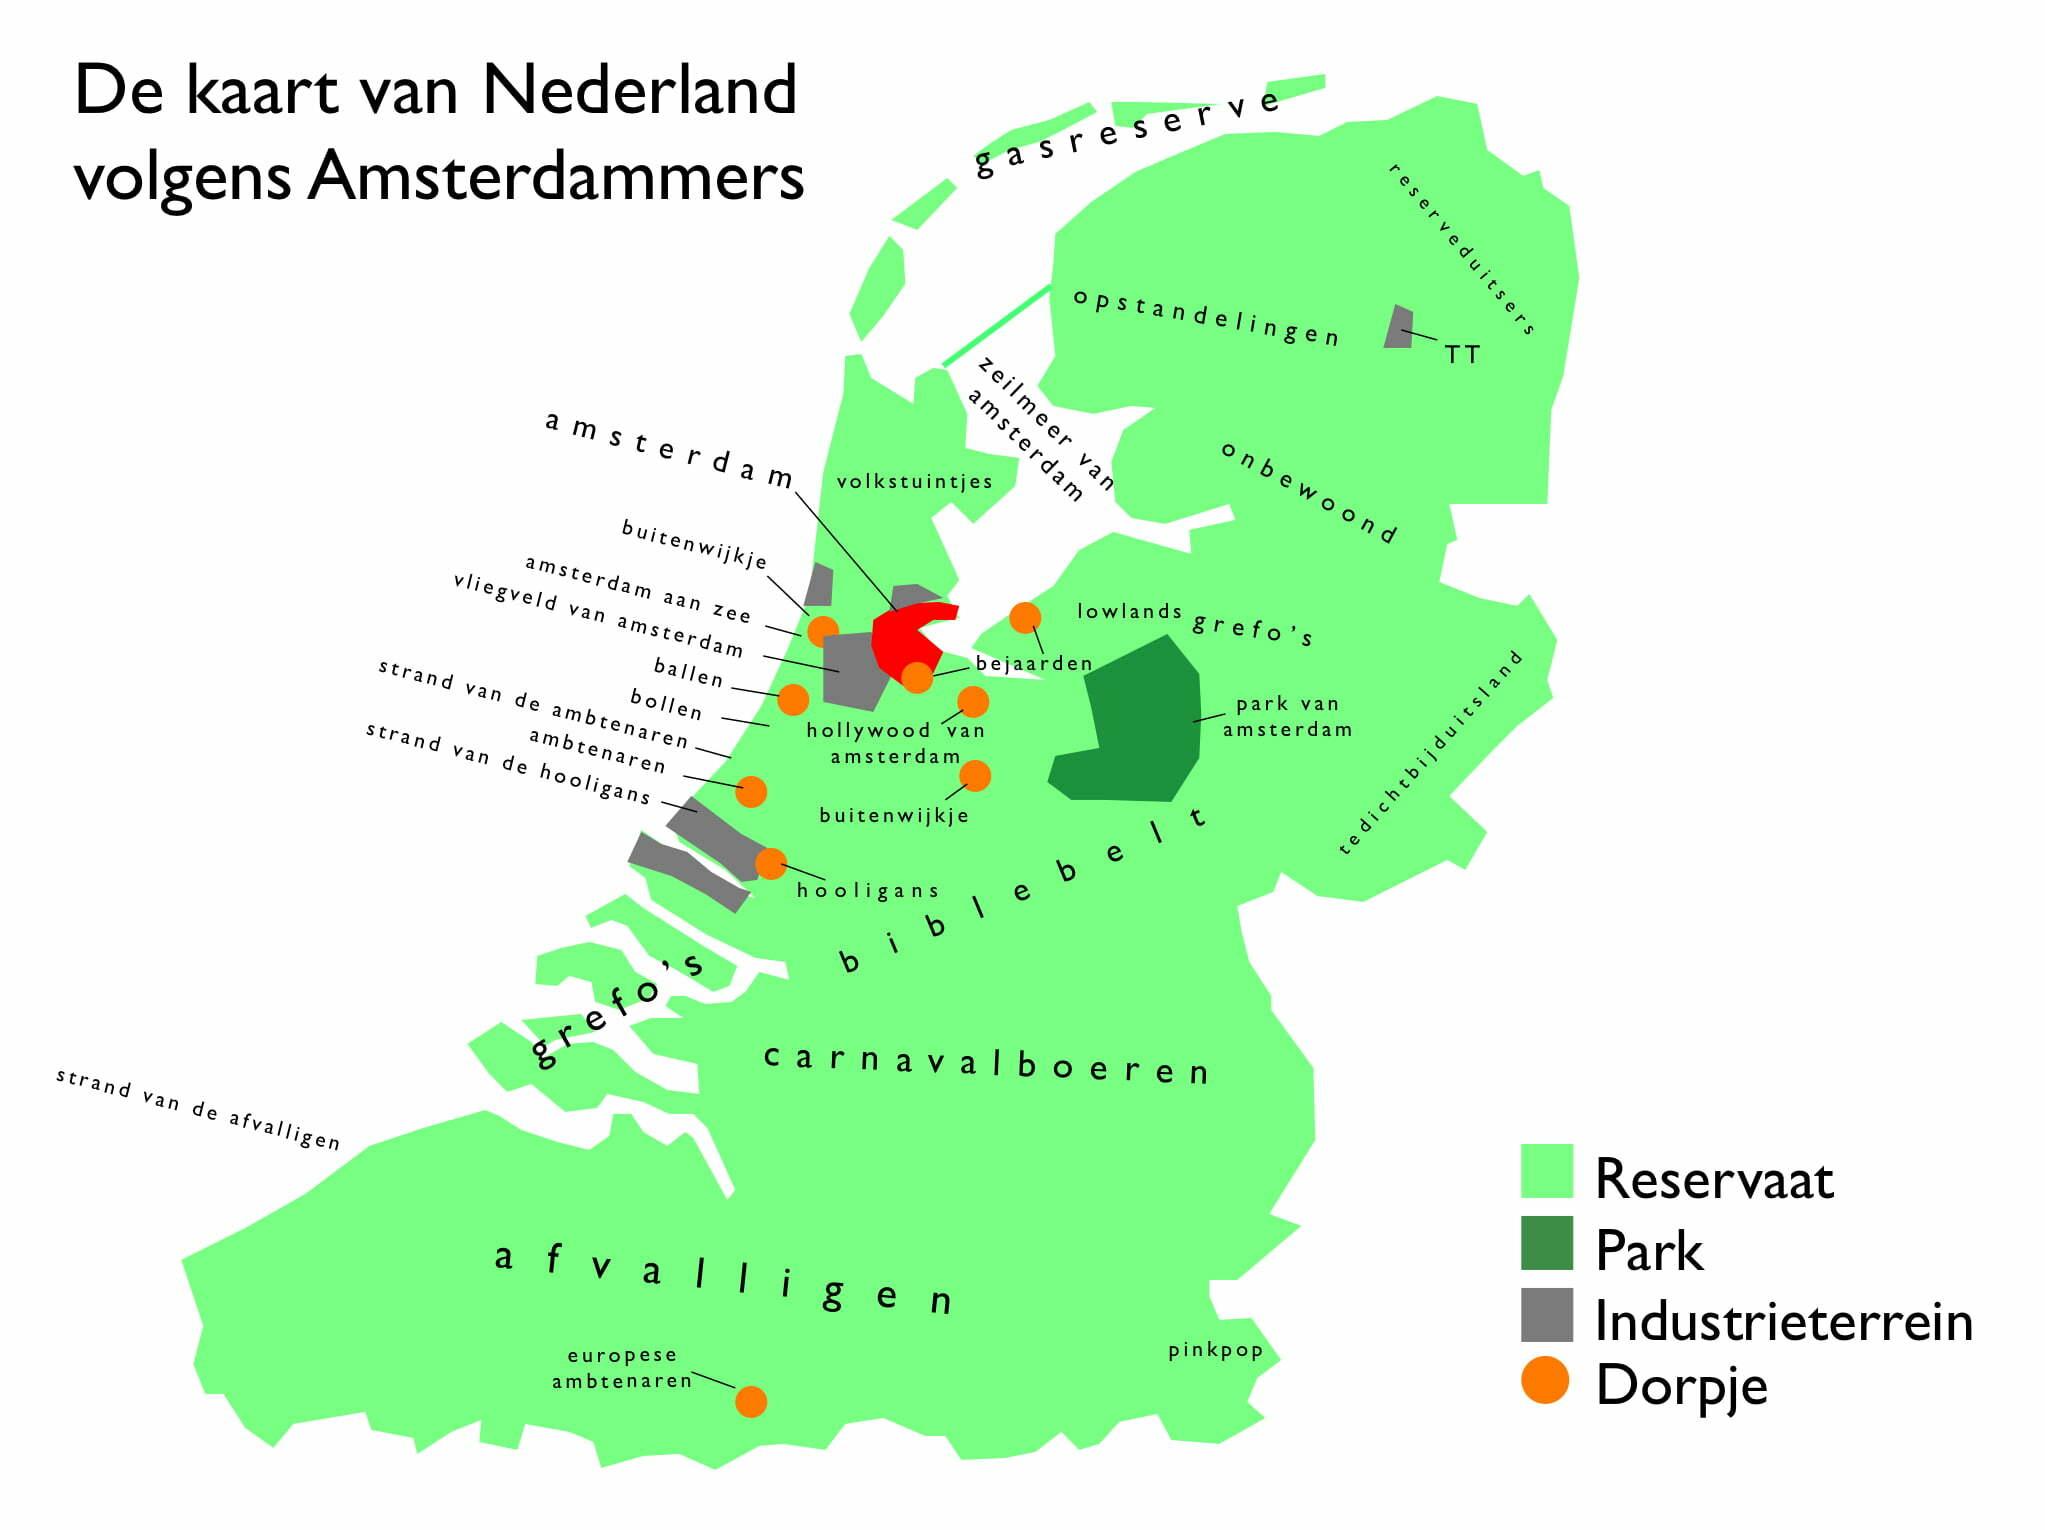 De Kaart Van Nederland Volgens Amsterdammers Hetkanwel